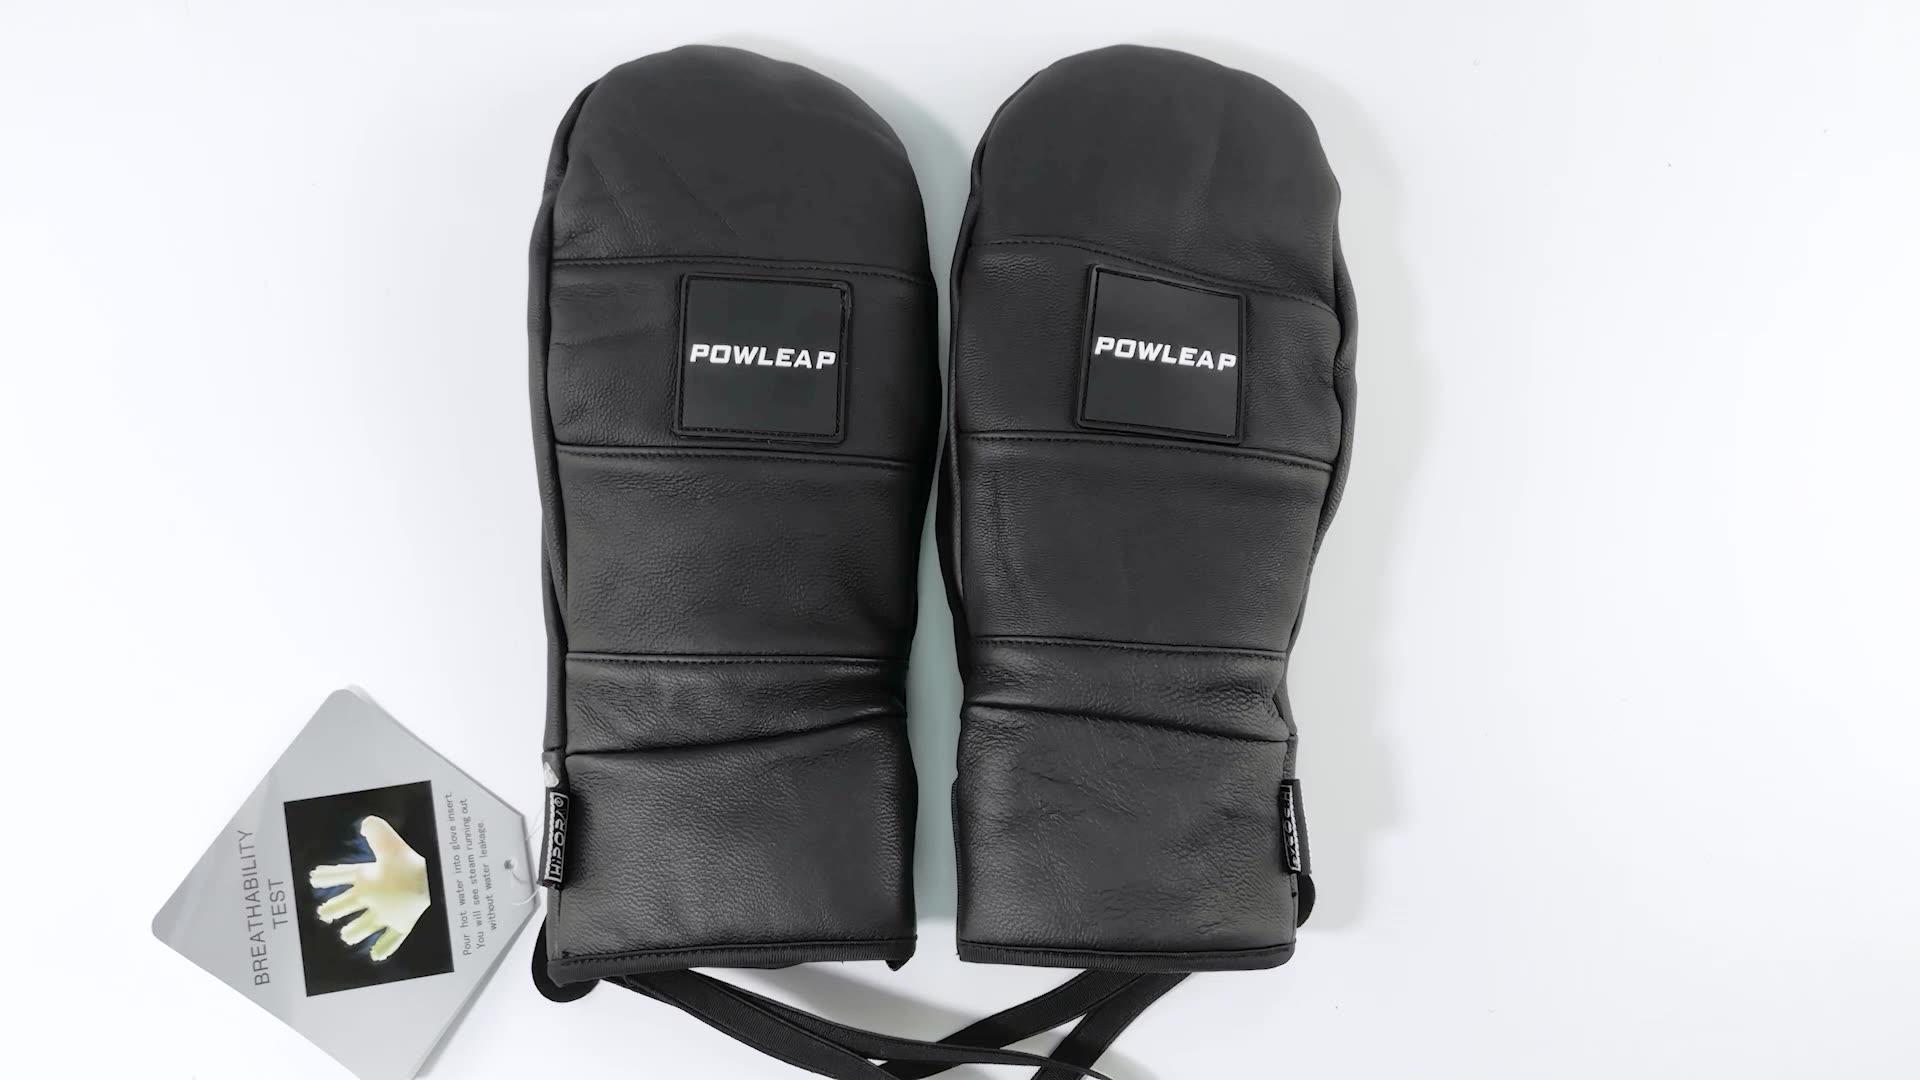 2021 vendita bene miglior impermeabile guanti sci più caldo freddo sci snowboard guanti uomo donna inverno caldo